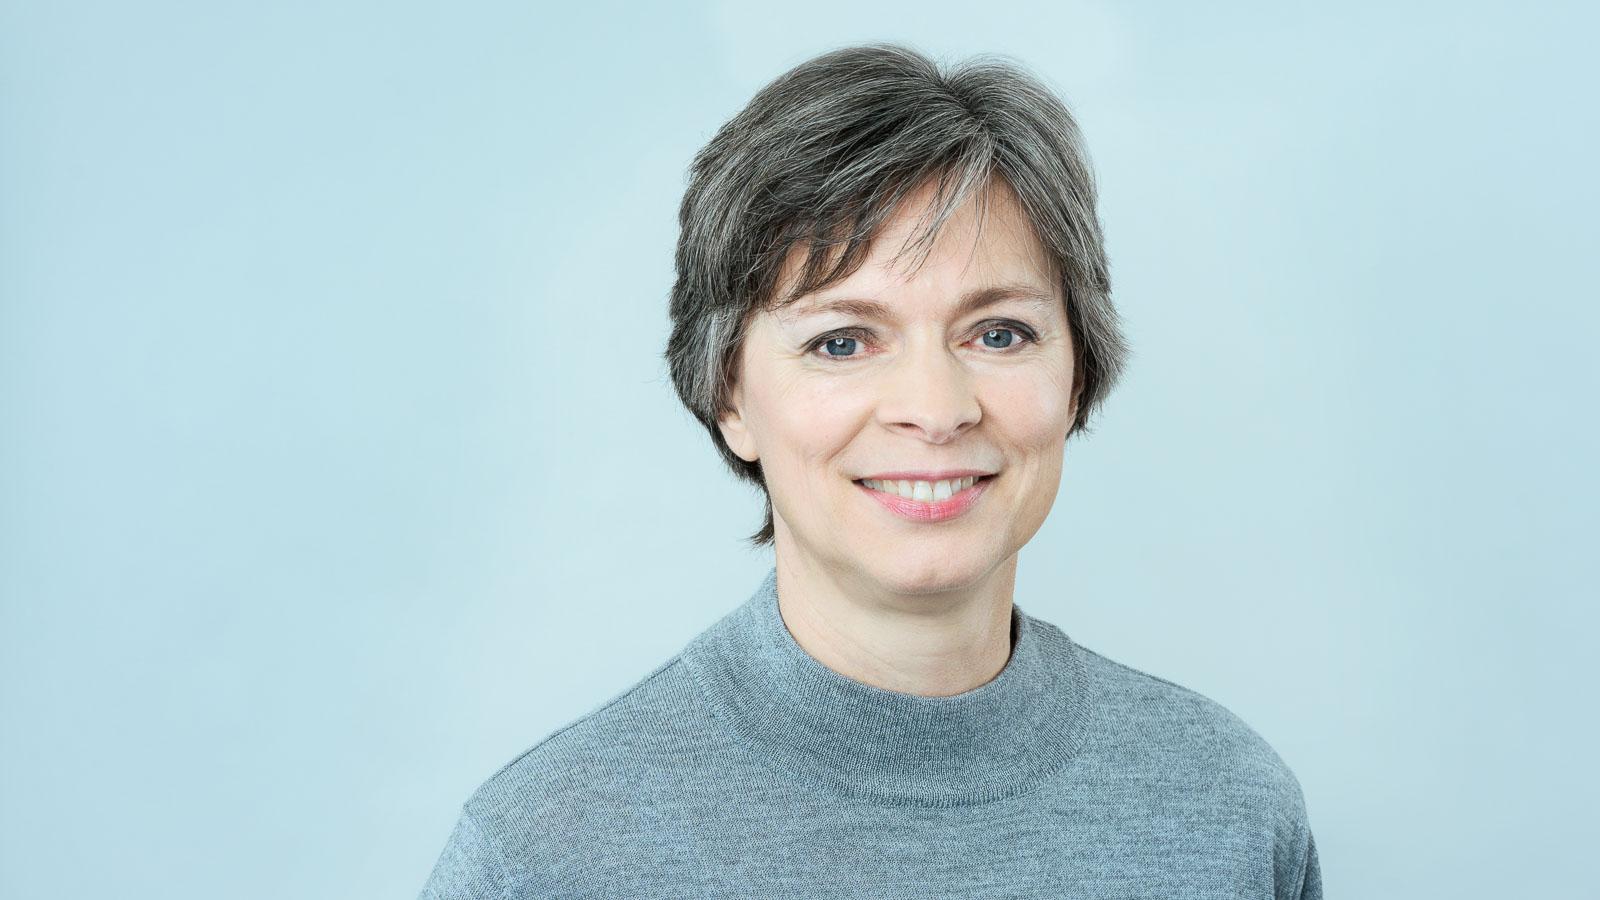 Daniela Zahnd